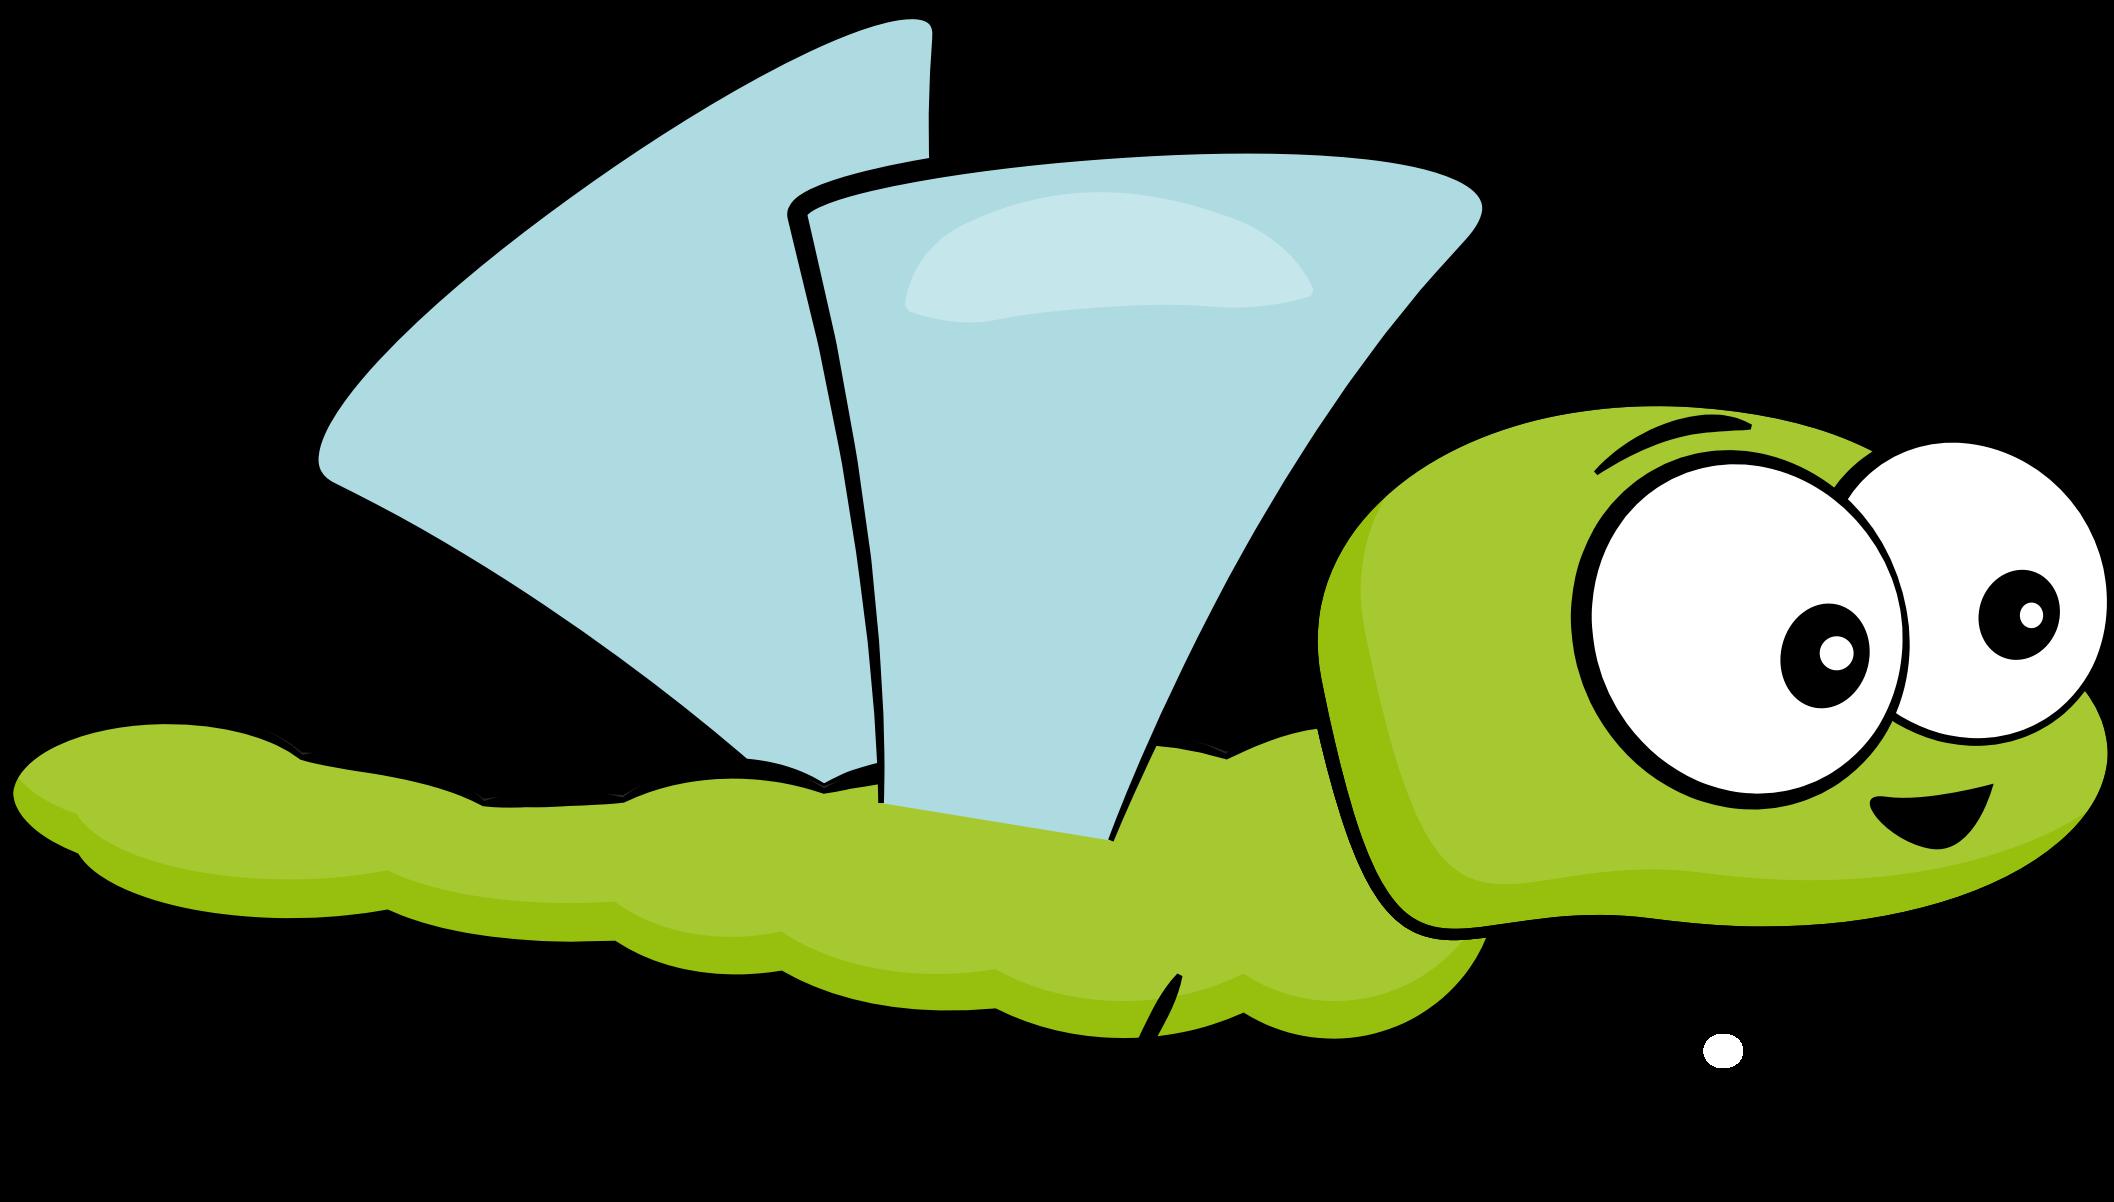 Coloriage libellule facile imprimer - Libellule dessin ...